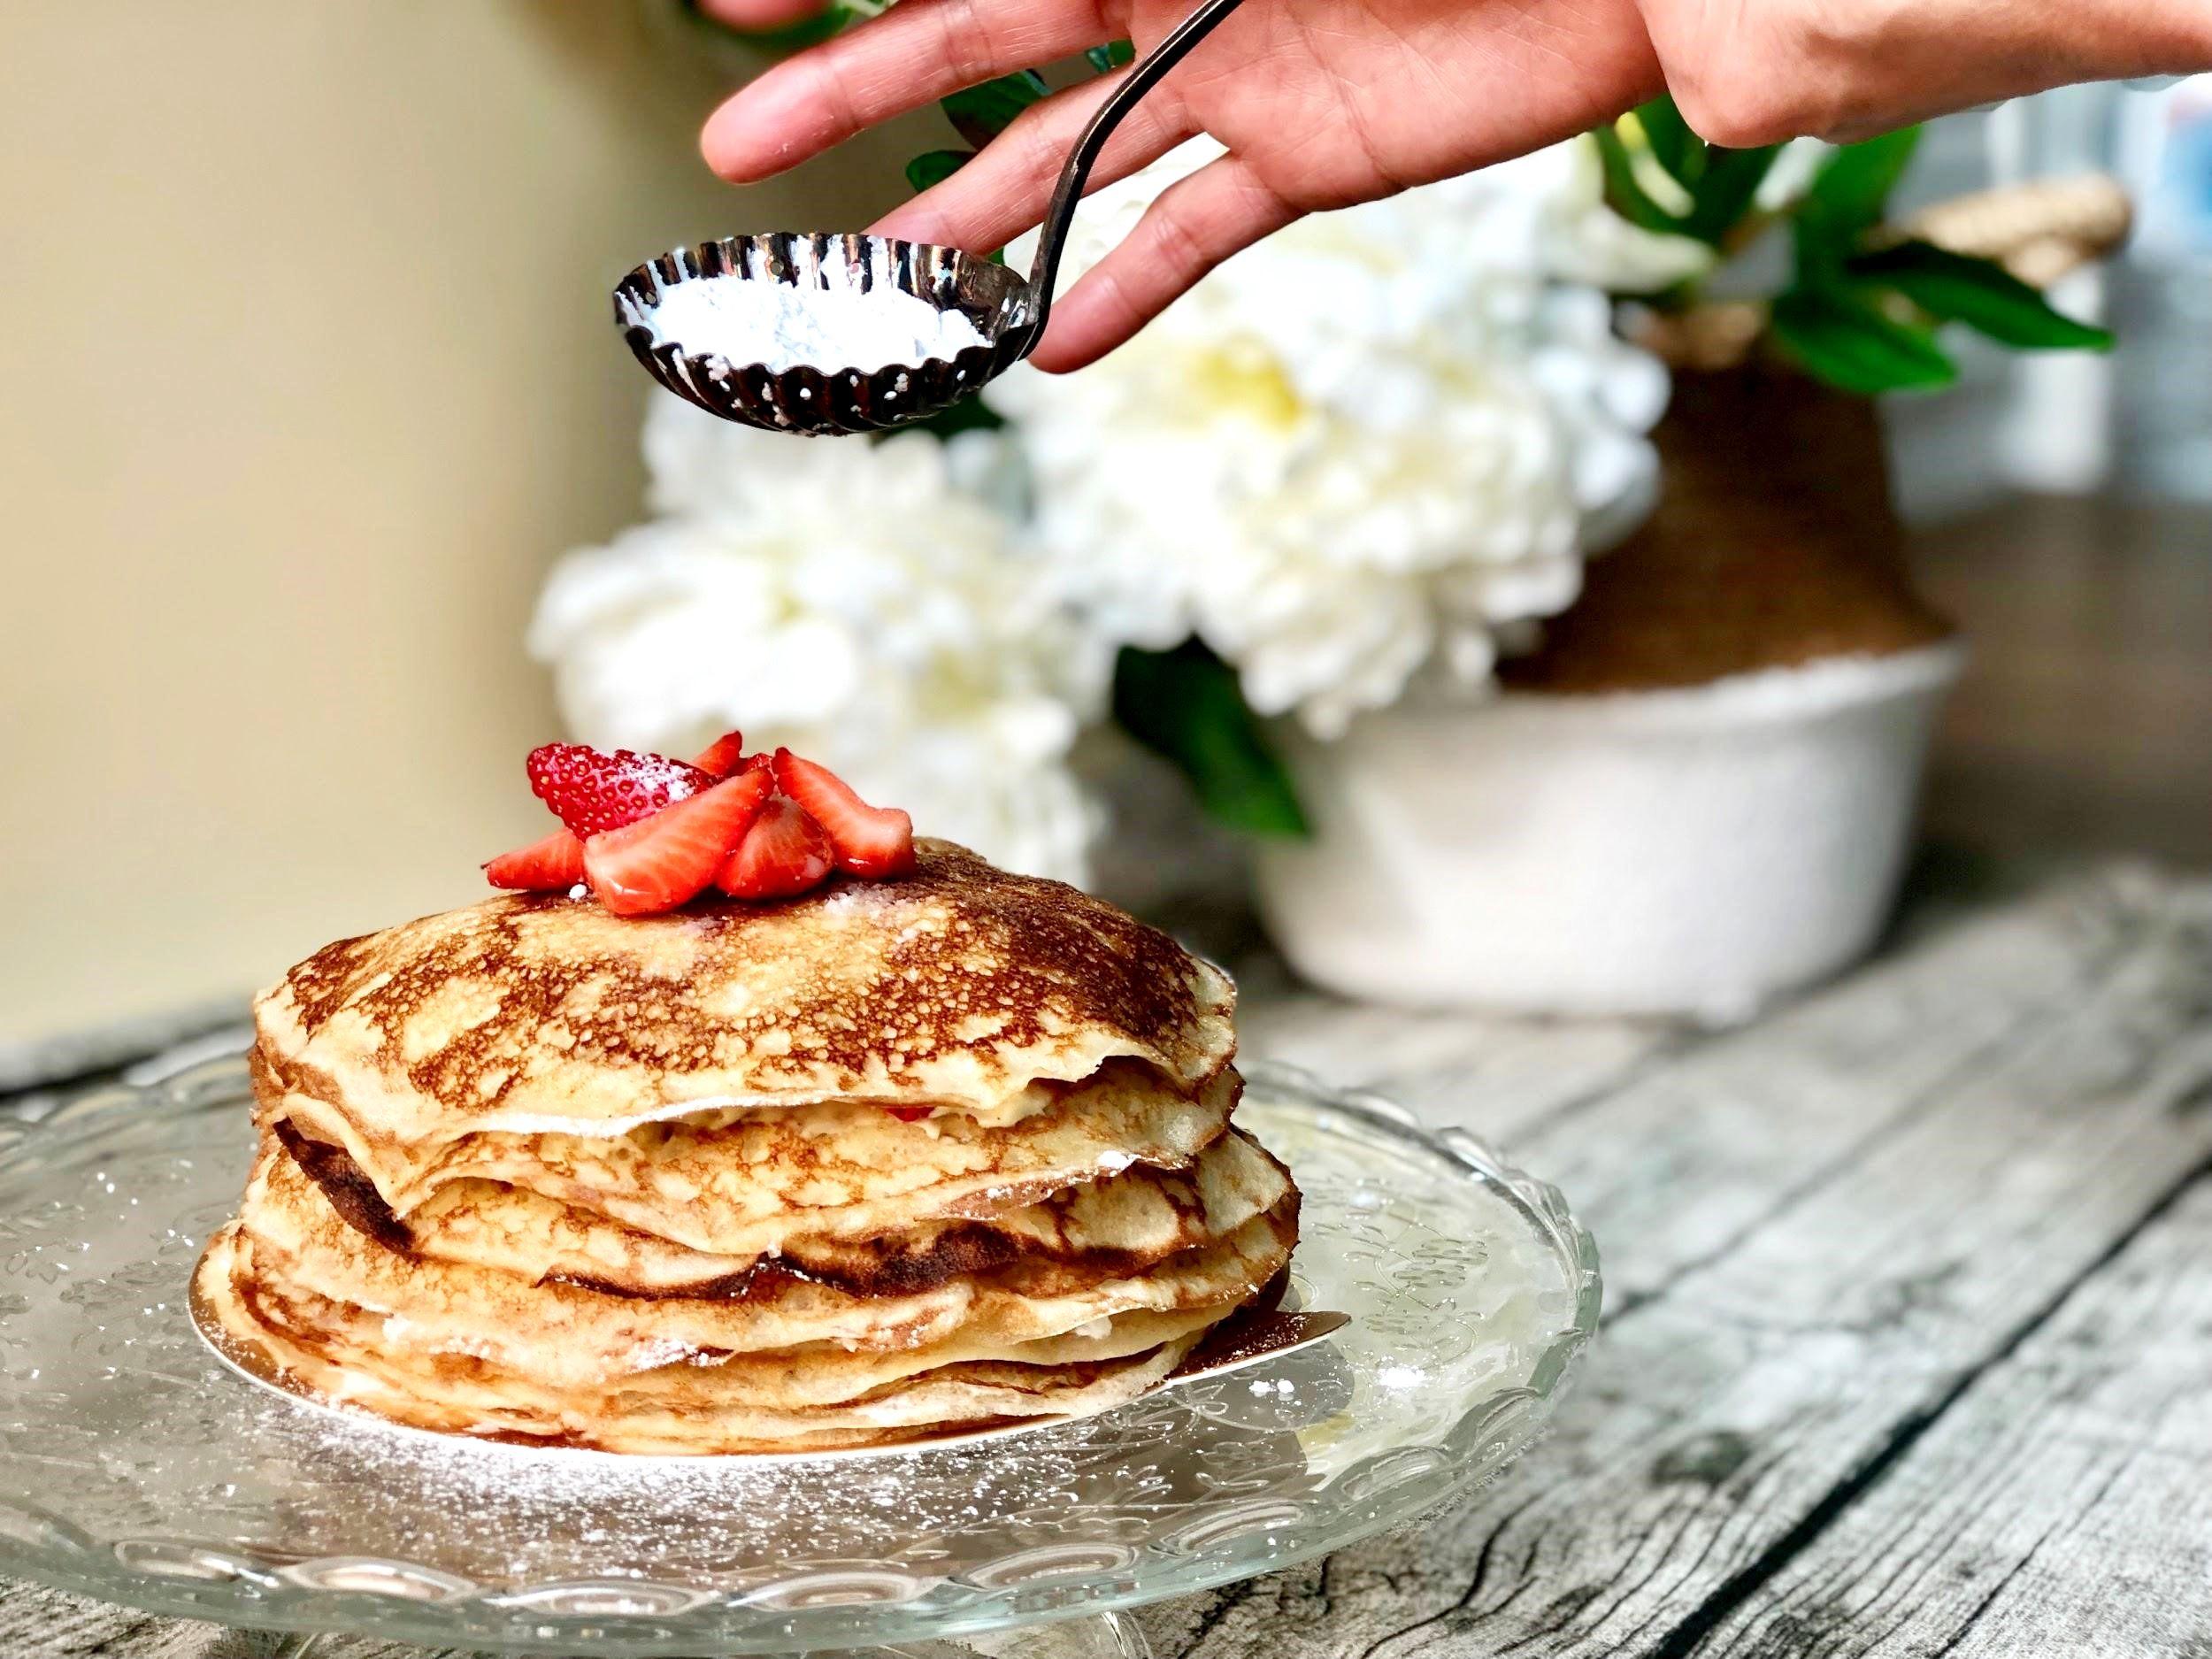 【ELLE網星專欄】不管單不單身吃了都會很甜蜜阿!情人節限定「草莓千層蛋糕」超詳盡食譜教學